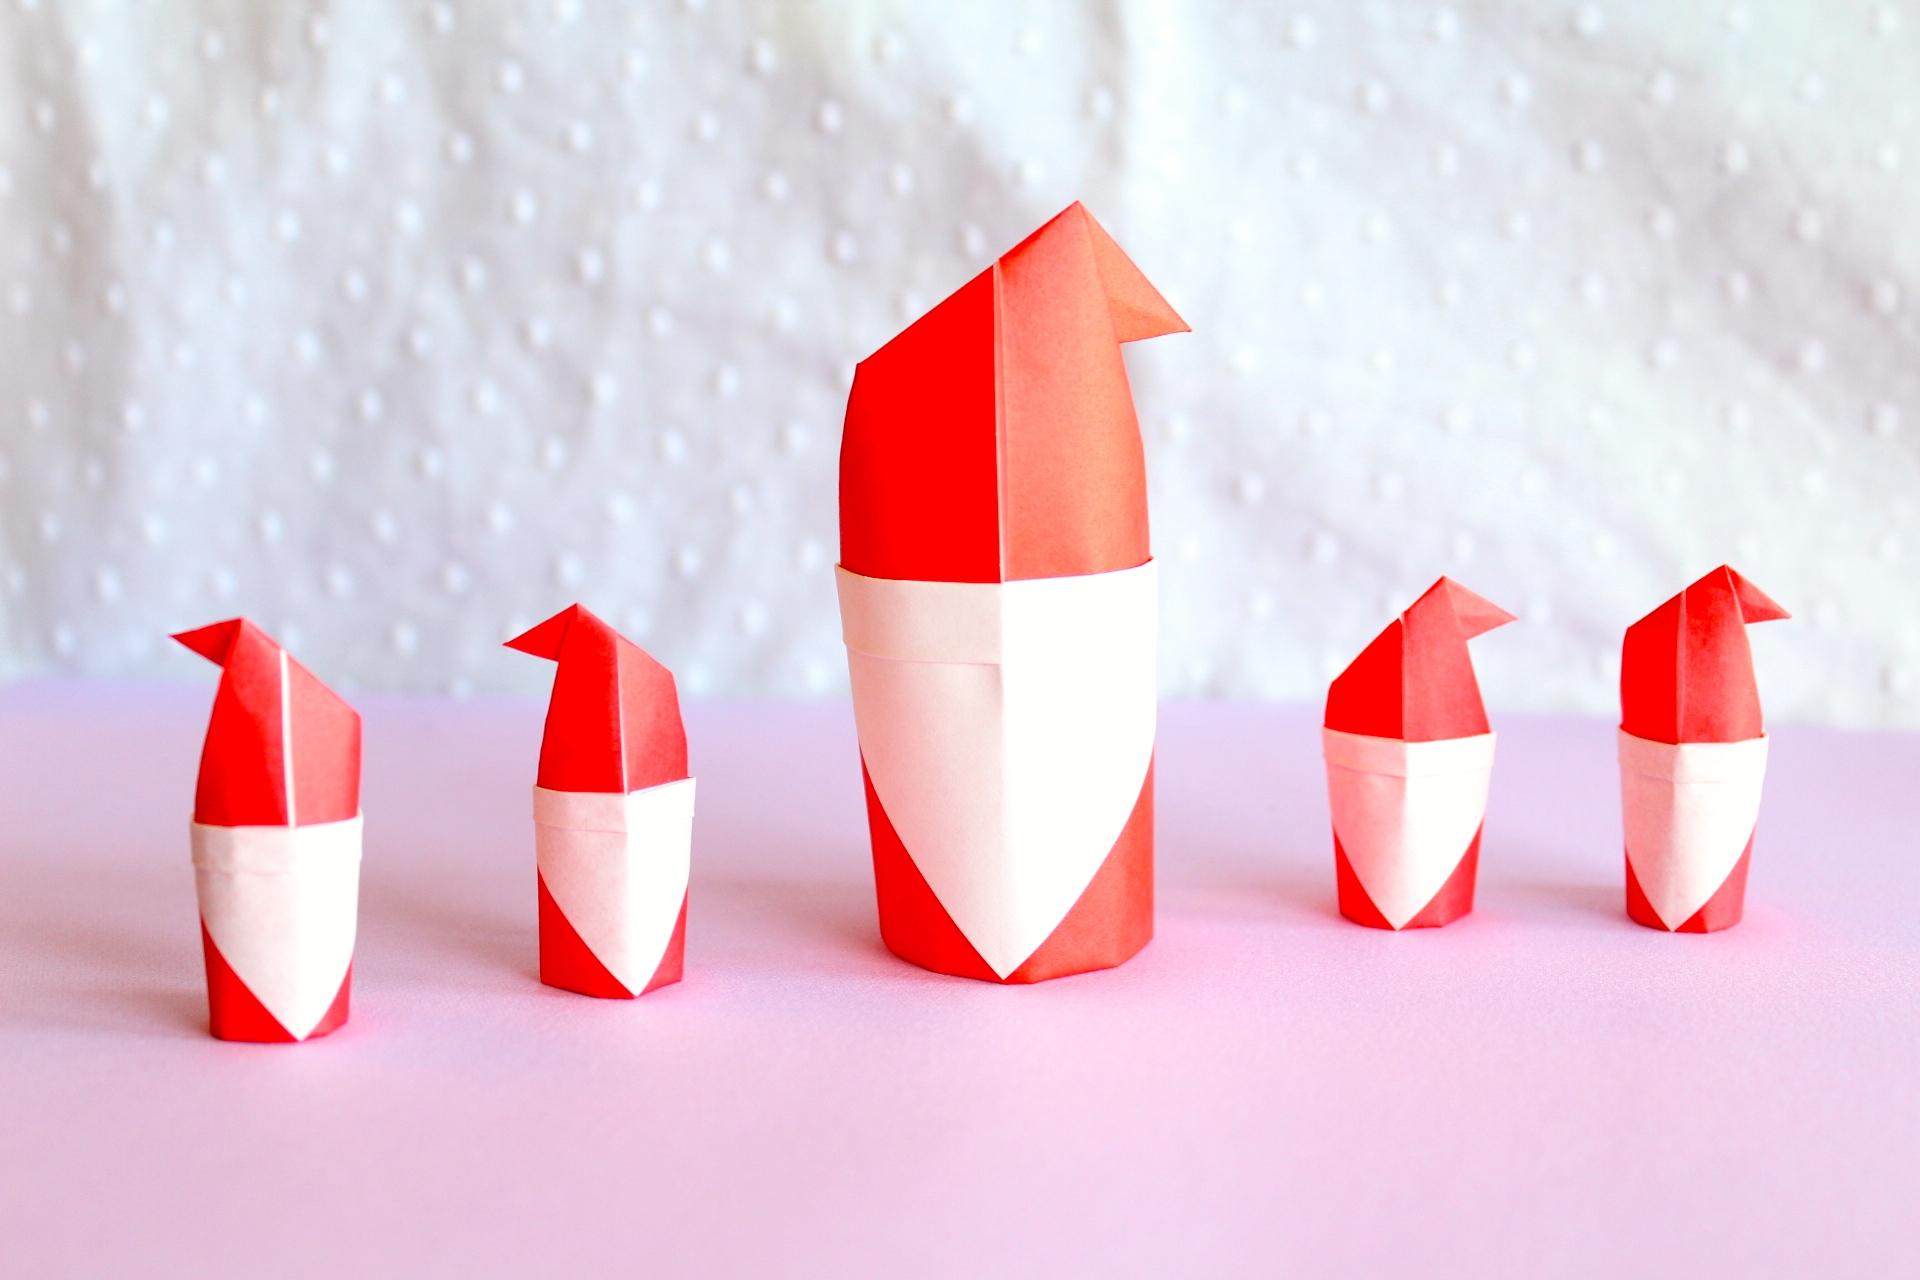 立体的なサンタクロースの折り方